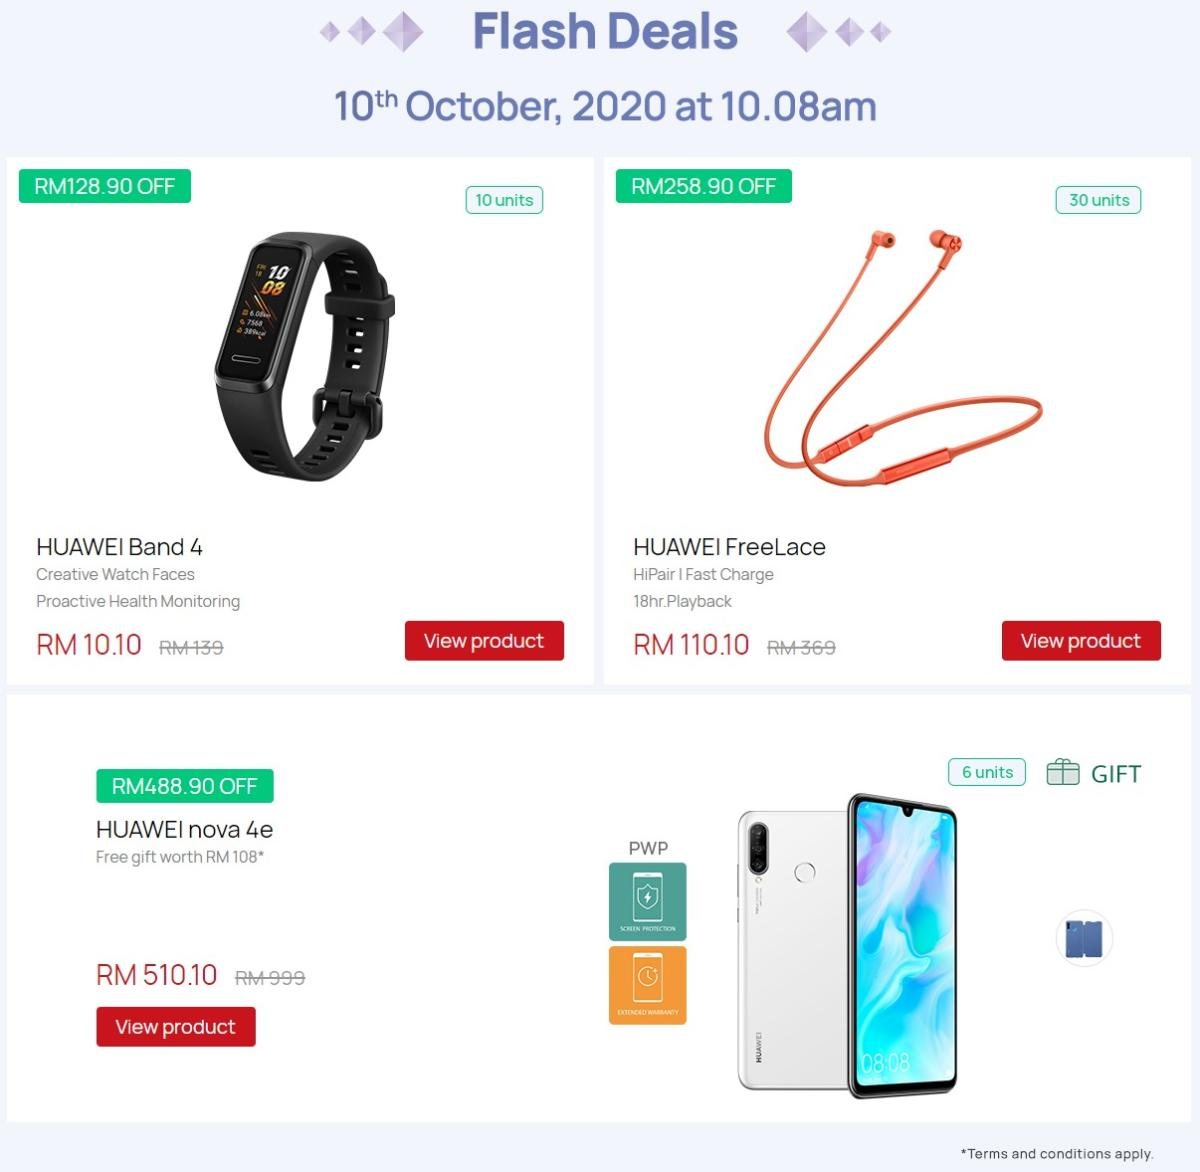 huawei flash deal